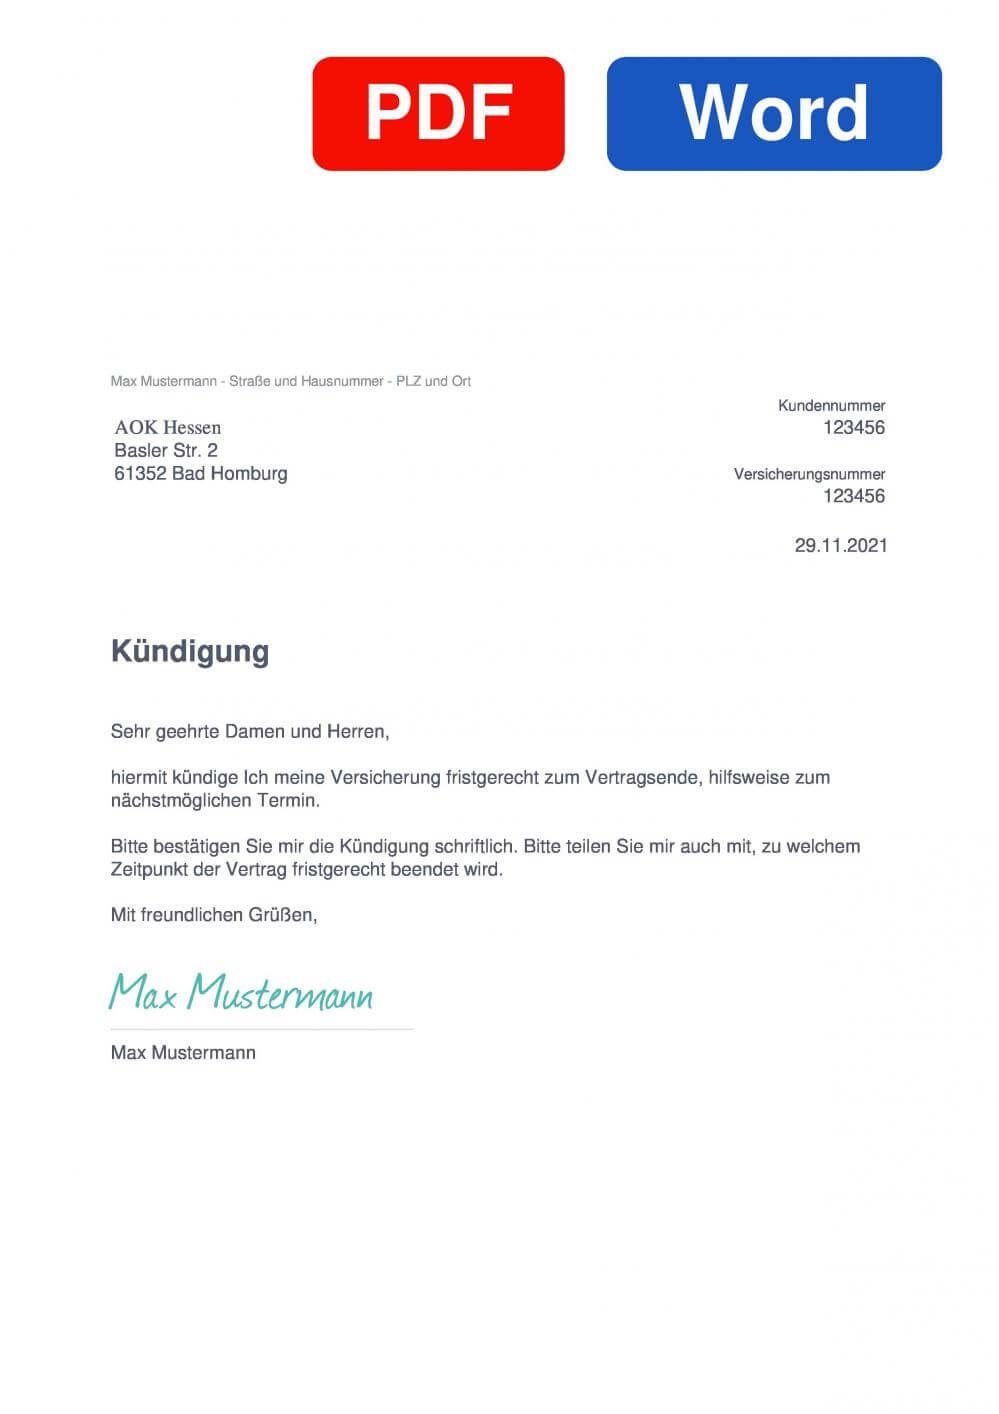 AOK Hessen Muster Vorlage für Kündigungsschreiben